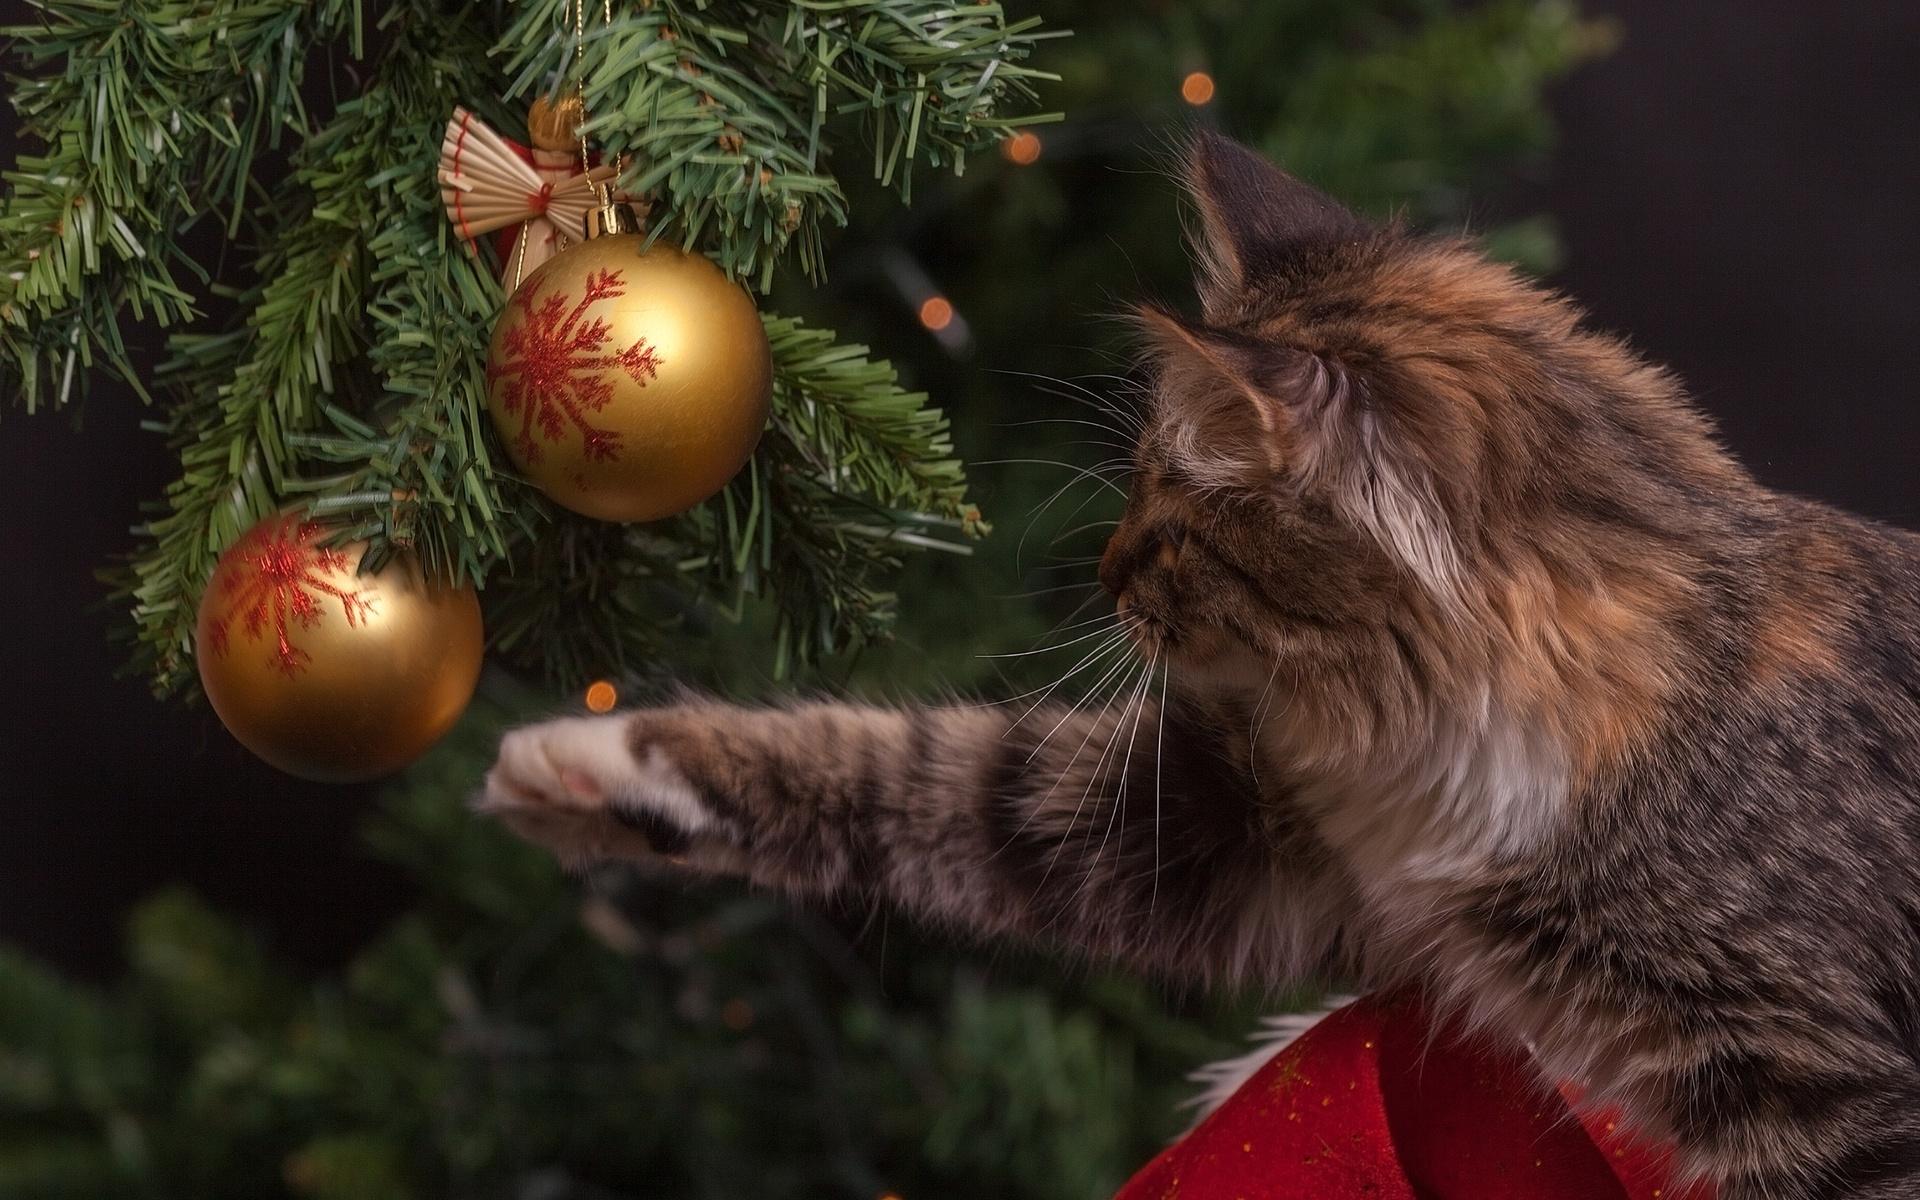 ворон новогодние фотографии с кошками сочных вкусных